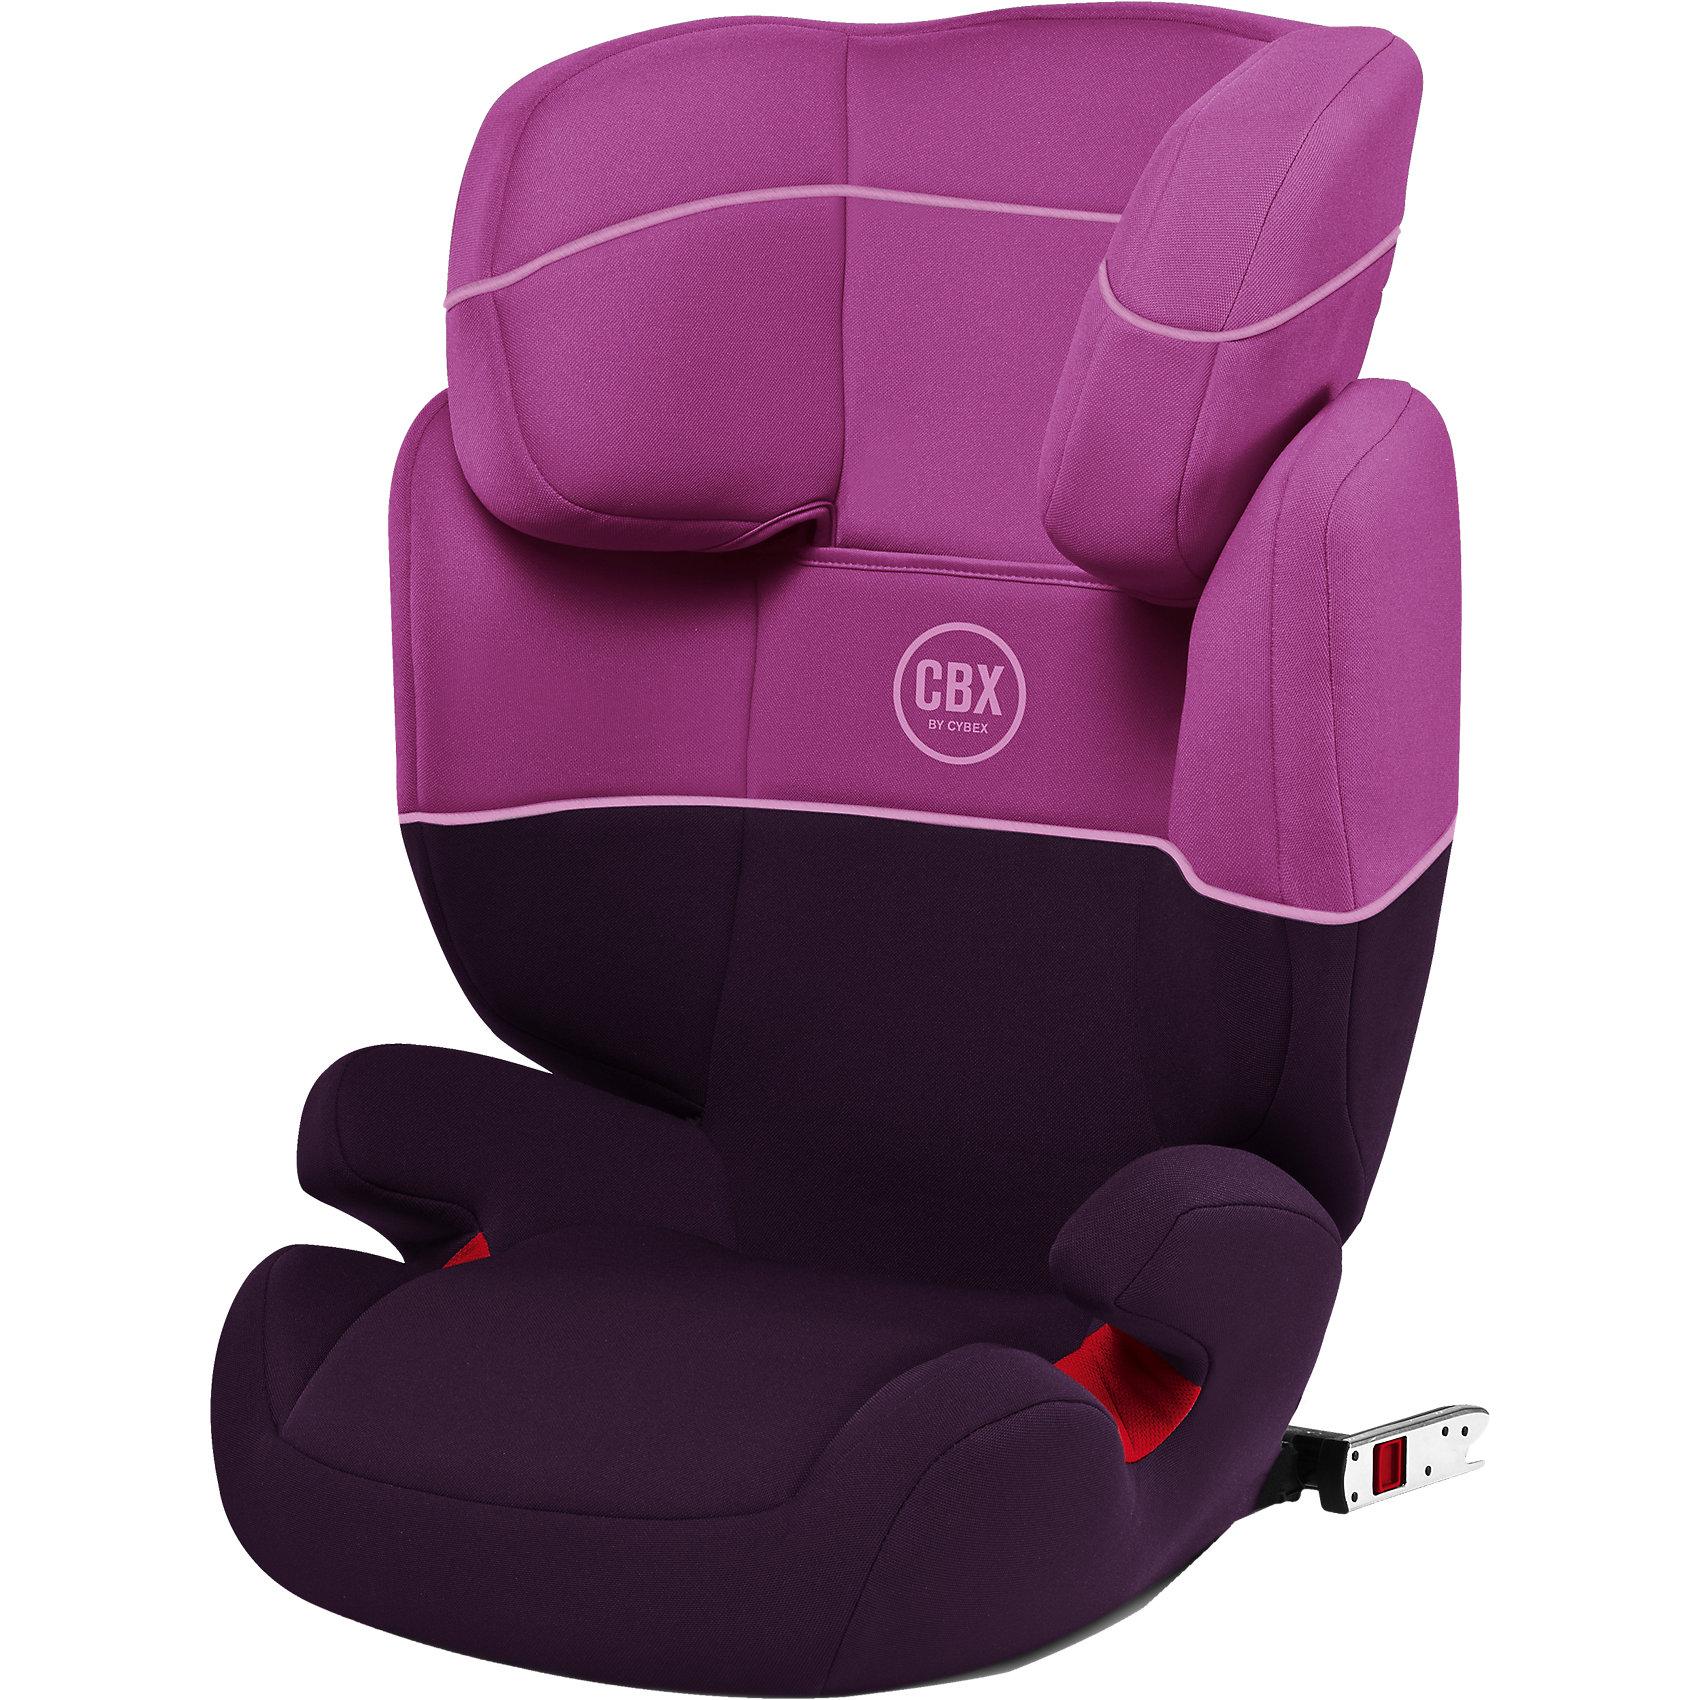 Автокресло Free-Fix 15-36 кг., CBX by Cybex, Purple RainВысокотехнологичное надежное автокресло позволит перевозить ребенка, не беспокоясь при этом о его безопасности. Оно предназначено для предназначено для детей весом от 15 до 36 килограмм. Такое кресло обеспечит малышу не только безопасность, но и комфорт (регулируемый угол наклона и высота подголовника). Вместо пятиточечных ремней ребенок фиксируется при помощи защитного столика, не ограничивая ему свободы движений<br>Автокресло устанавливают по ходу движения. Такое кресло дает возможность свободно путешествовать, ездить в гости и при этом  быть рядом с малышом. Конструкция - очень удобная и прочная. Изделие произведено из качественных и безопасных для малышей материалов, оно соответствуют всем современным требованиям безопасности. Оно отлично показало себя на краш-тестах.<br> <br>Дополнительная информация:<br><br>цвет: фиолетовый;<br>материал: текстиль, пластик;<br>вес ребенка: 15 до 36 кг;<br>регулируемая подушка безопасности;<br>регулируемый по высоте подголовник;<br>усовершенствованная система циркуляции воздуха;<br>встроенный ящик для мелочей:<br>съемный чехол;<br>по мере взросления ребенка трансформируется в бустер; <br>регулировка положения автокресла одной рукой;<br>регулируемый угол наклона;<br>можно использовать со штатными ремнями или с дополнительной базой;<br>7-позиционный регулируемый по высоте подголовник;<br>крепление по ходу движения;<br>система защиты от боковых ударов;<br>соответствие Европейскому стандарту безопасности ЕСЕ R44/04.<br><br>Автокресло  Free-Fix 15-36 кг., Purple Rain, от компании Cybex можно купить в нашем магазине.<br><br>Ширина мм: 665<br>Глубина мм: 490<br>Высота мм: 325<br>Вес г: 8100<br>Цвет: лиловый<br>Возраст от месяцев: 36<br>Возраст до месяцев: 144<br>Пол: Унисекс<br>Возраст: Детский<br>SKU: 4213156